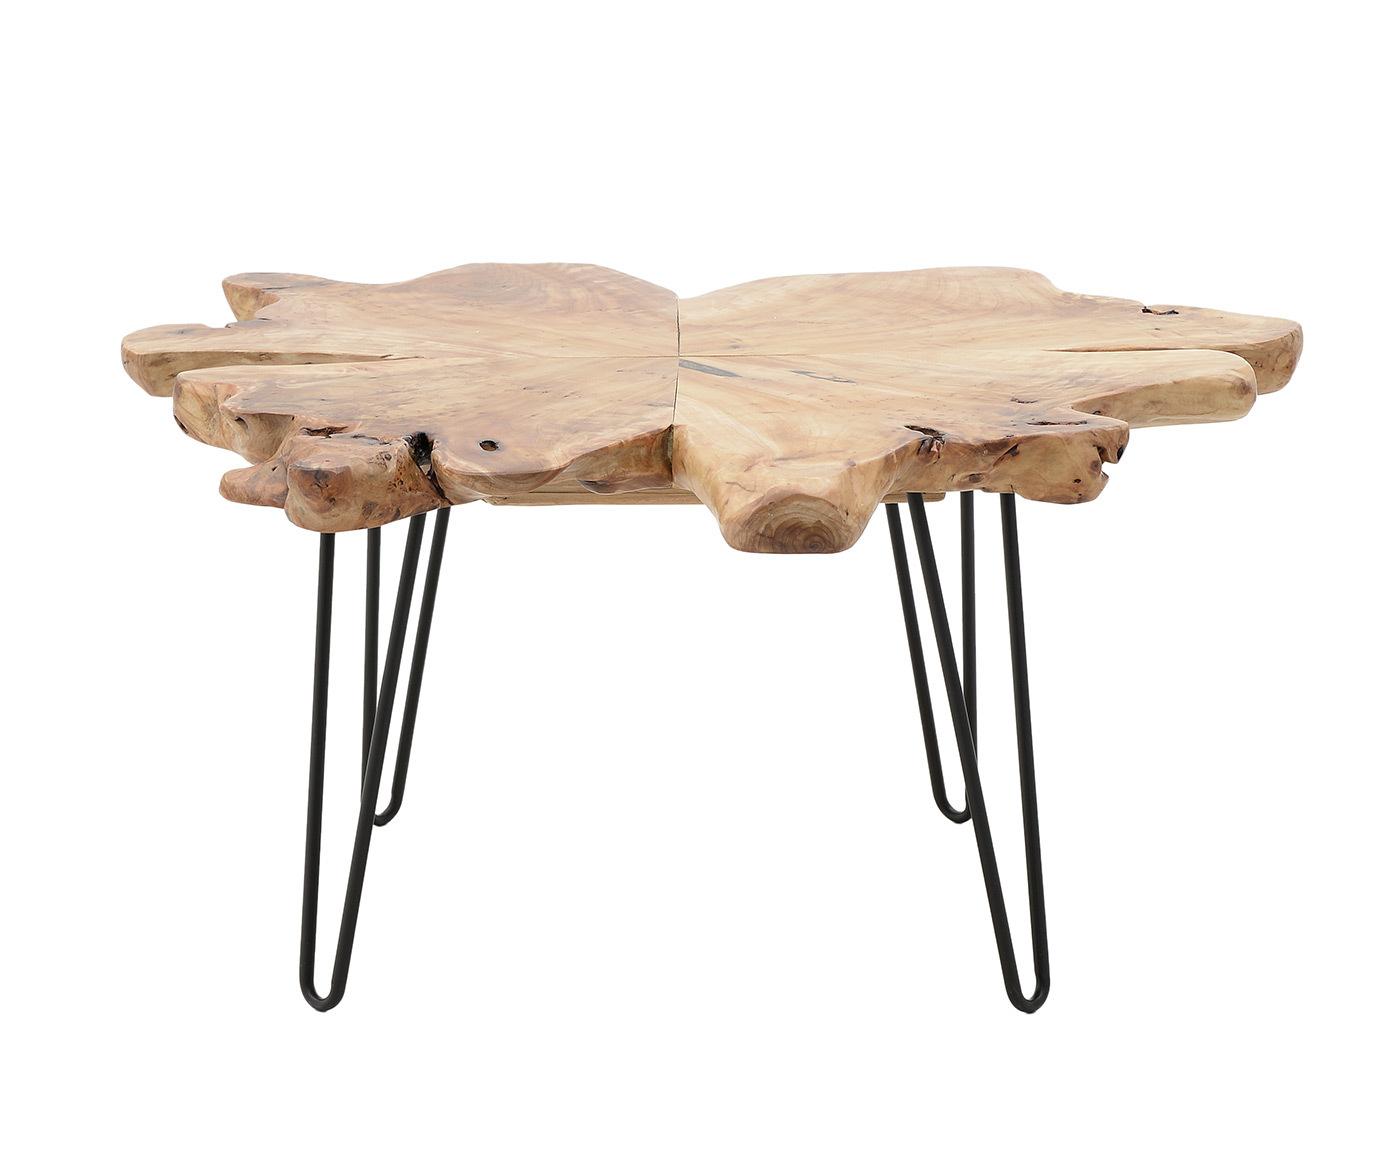 Стол GeltrudeЖурнальные столики<br><br><br>Material: Дерево<br>Ширина см: 78.0<br>Высота см: 40.0<br>Глубина см: 70.0